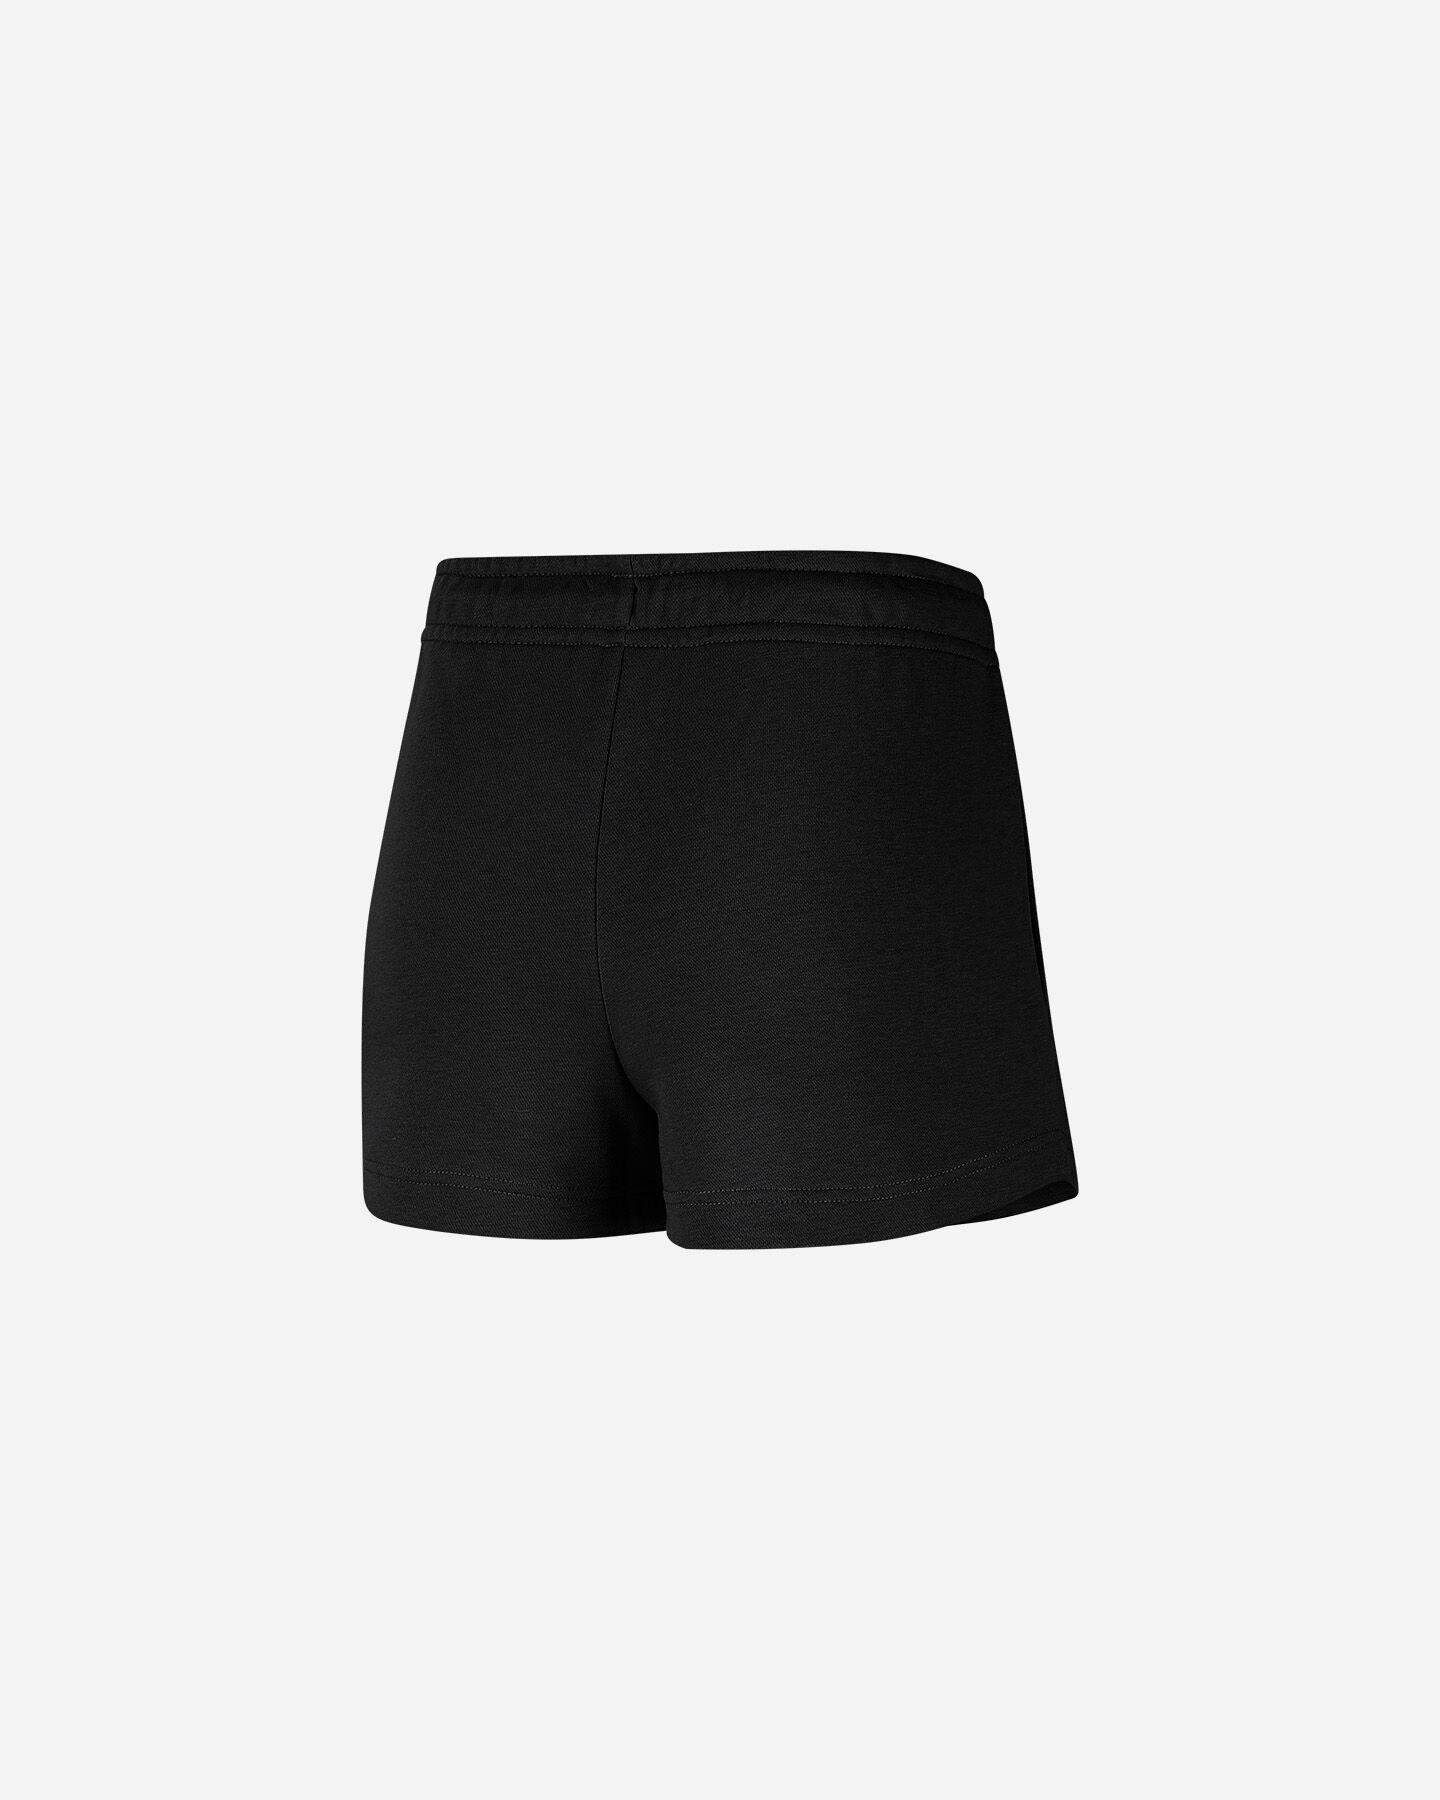 Pantaloncini NIKE SMALL LOGO ESSENTIAL  W S5195832 scatto 2